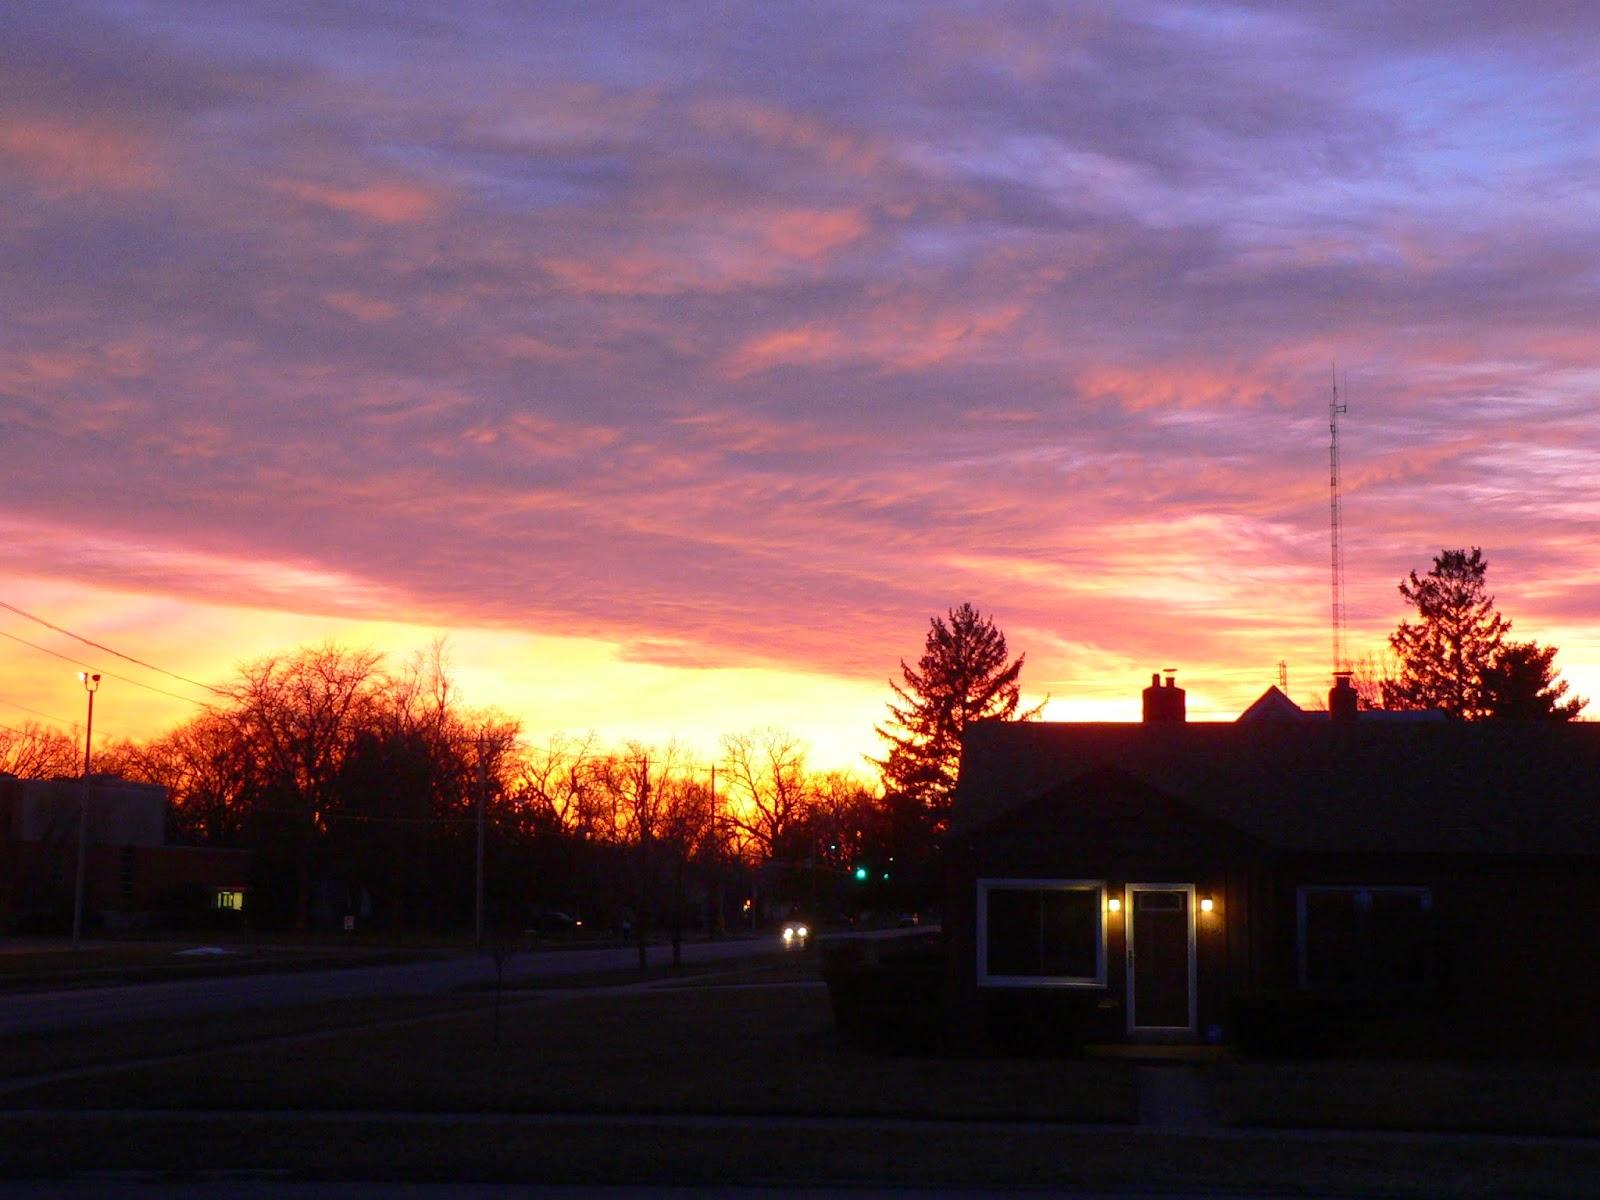 ef64f6617a Este nyolckor, kilátás a házunkból: nagyon szép a naplemente (a valóságban  még ennél egy kicsit lilásabb volt...)